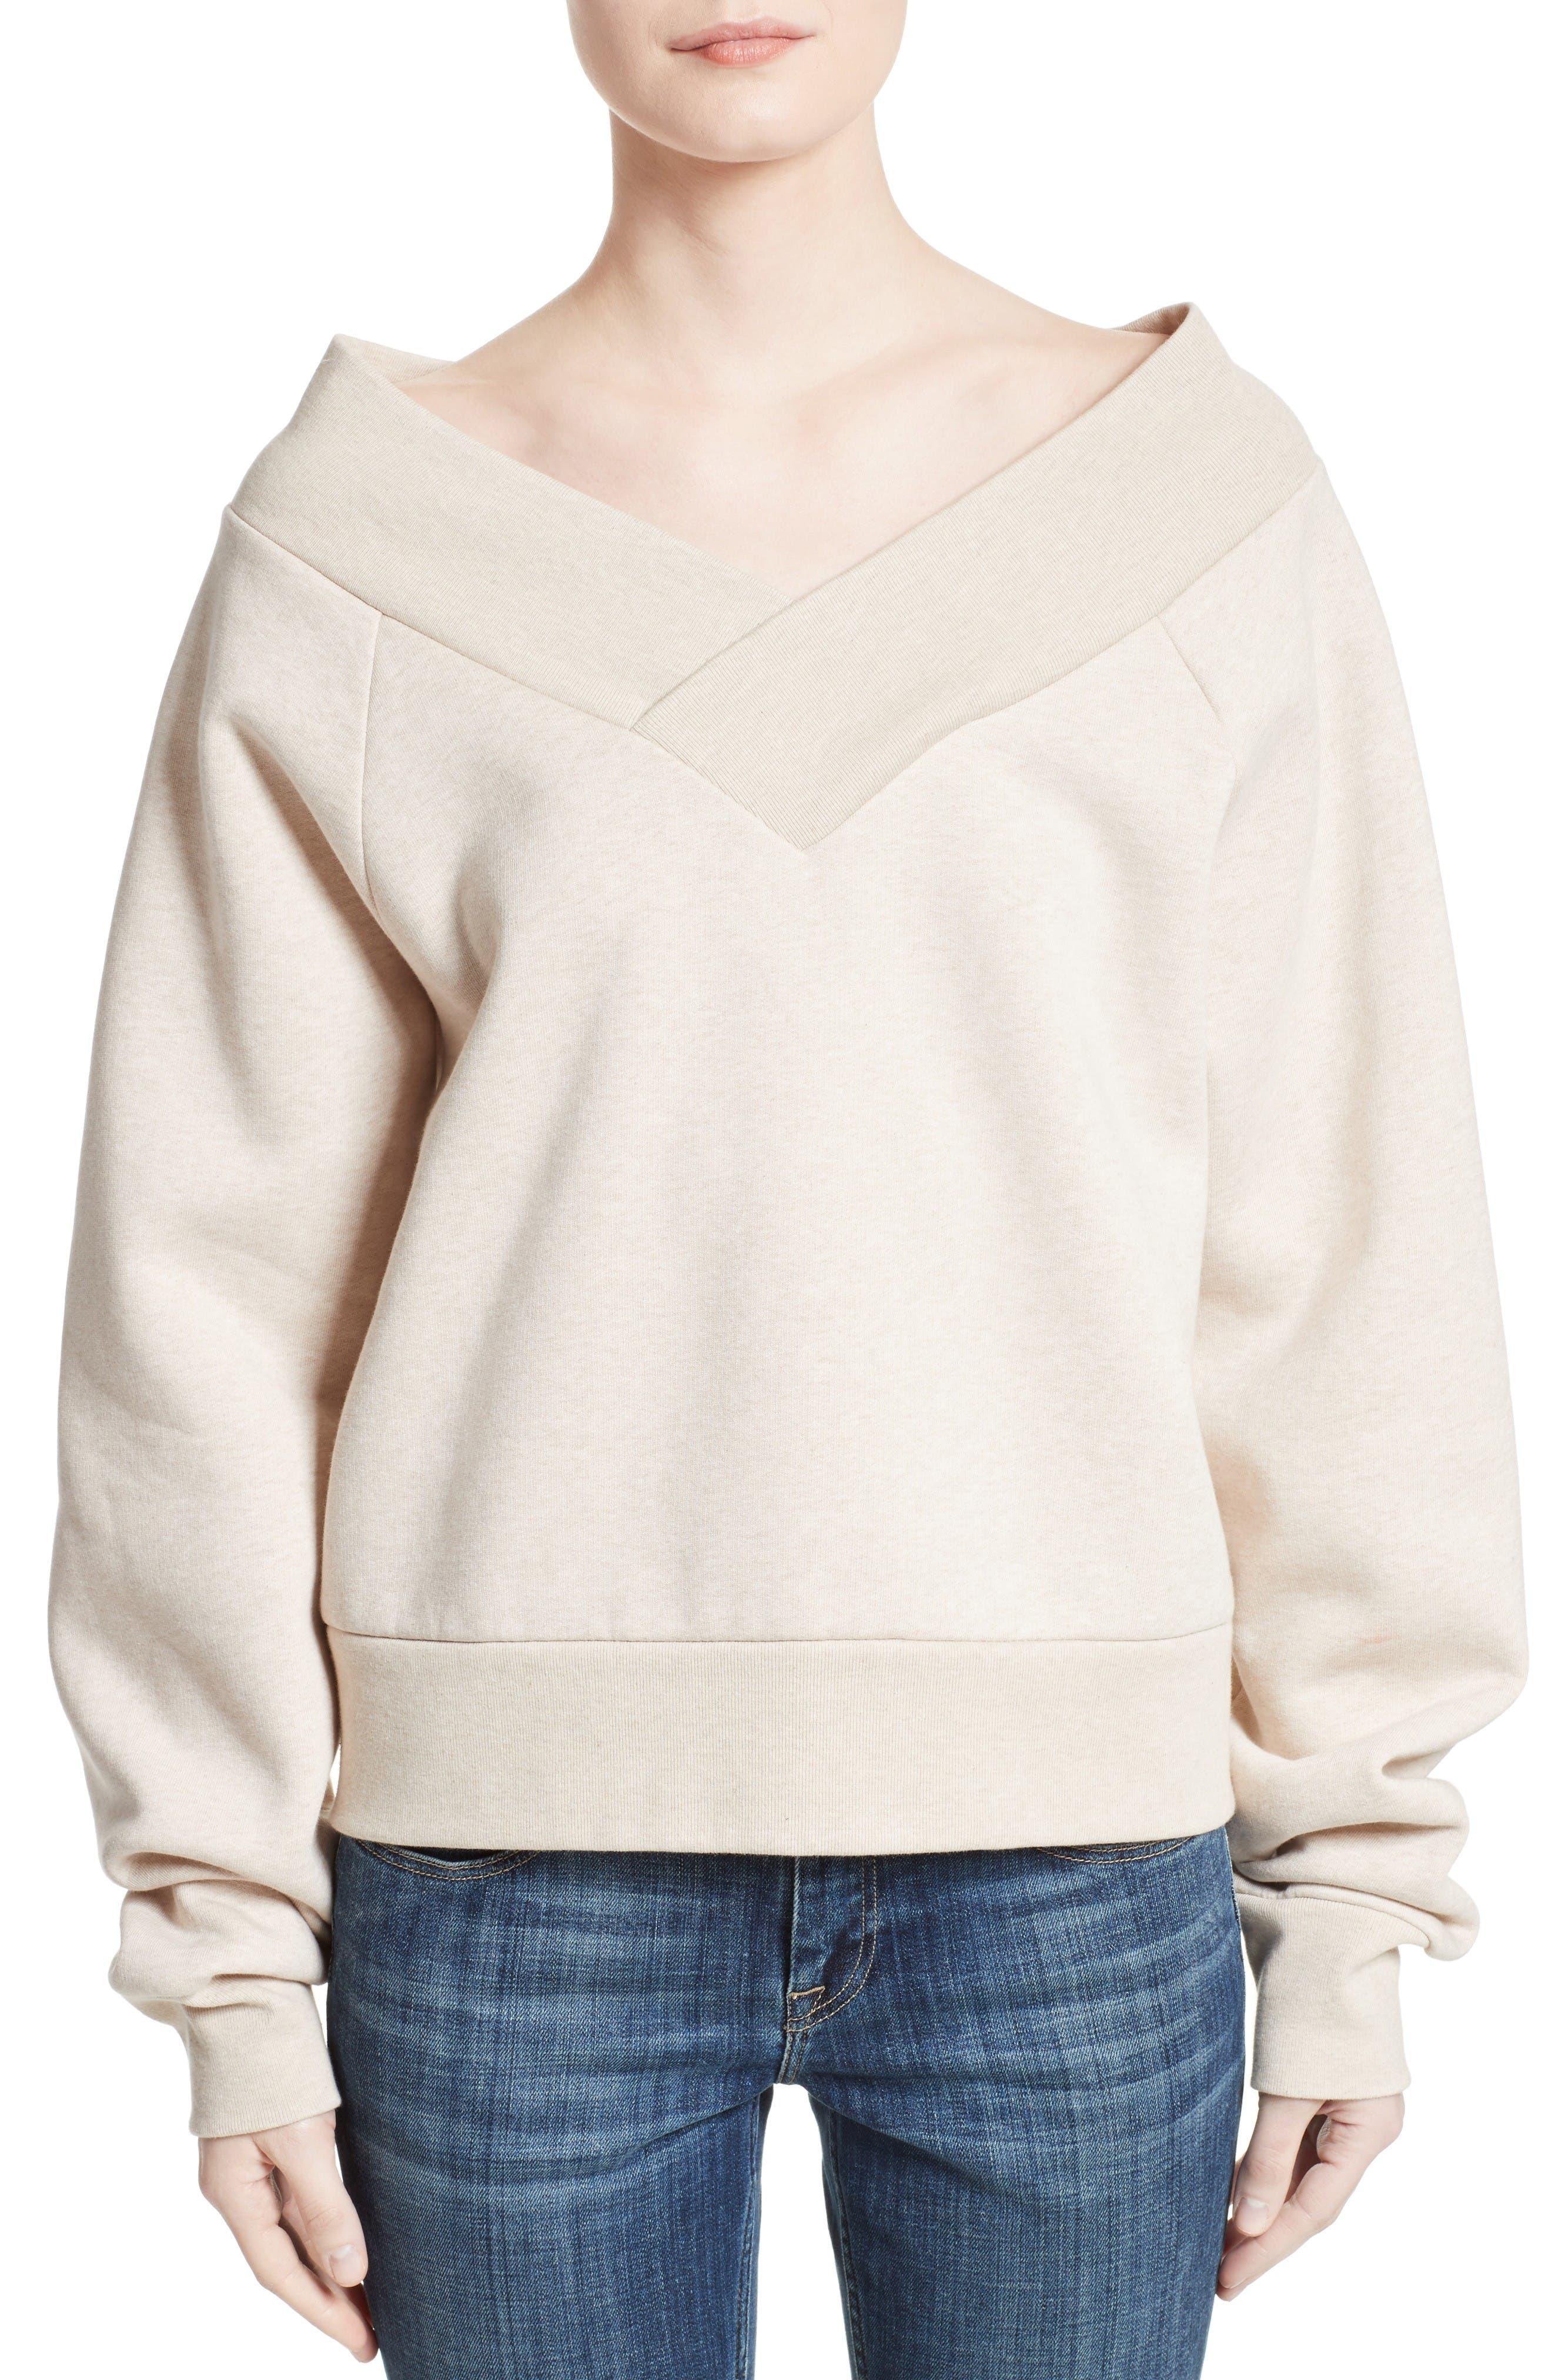 Falacho V-Neck Sweatshirt,                         Main,                         color, Oatmeal Melange